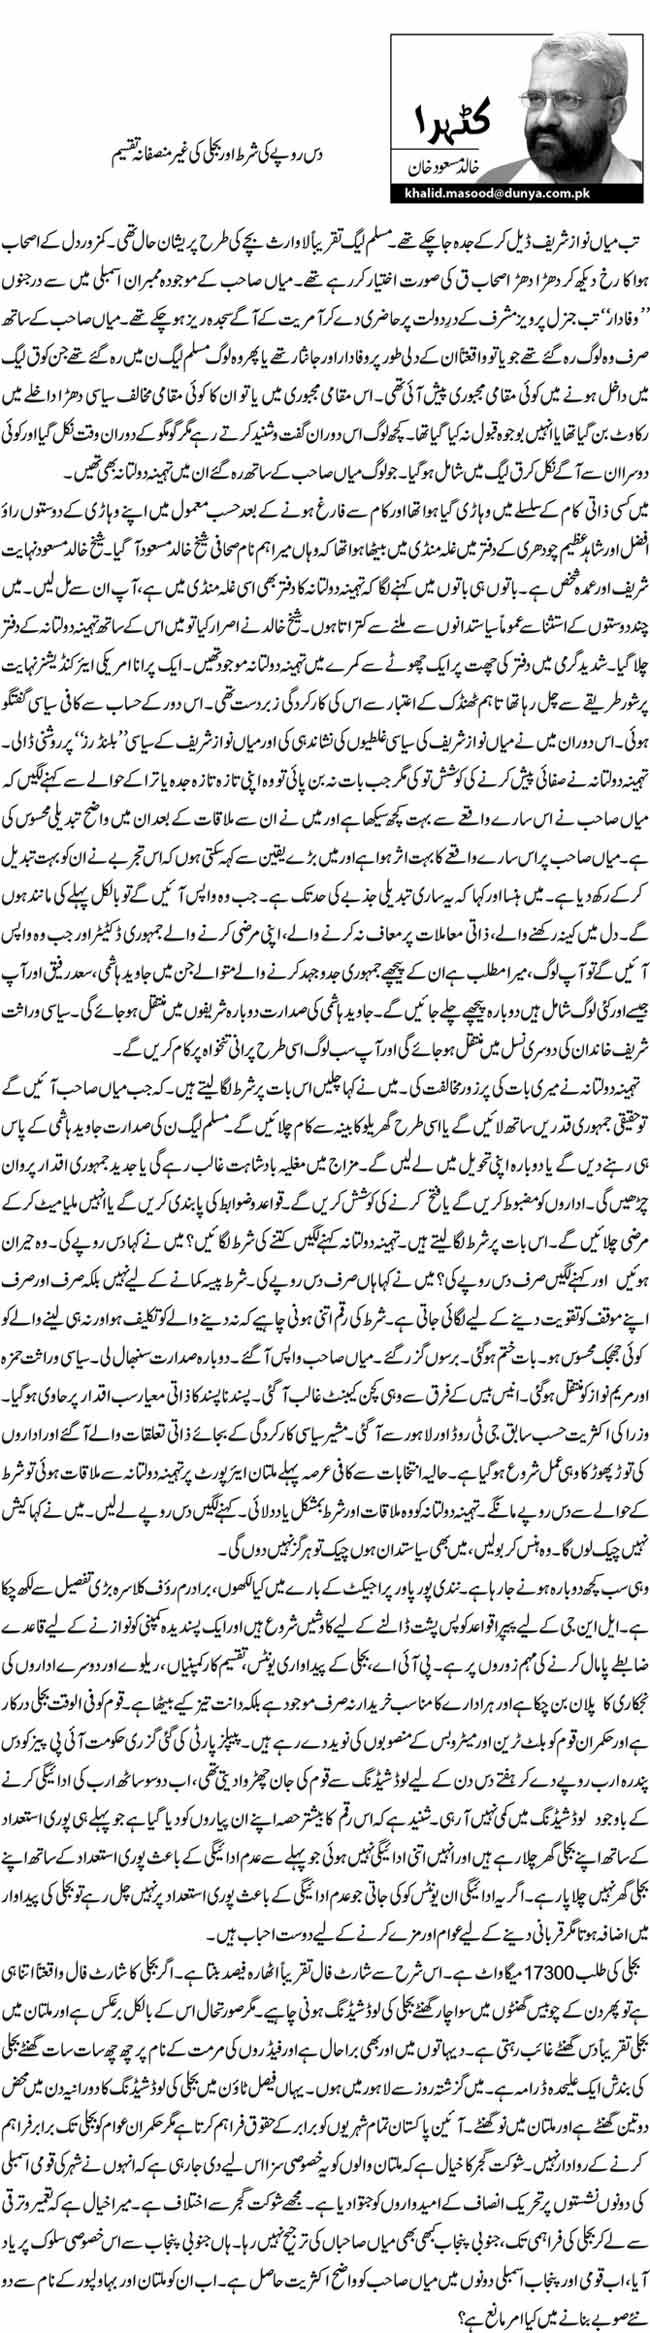 دس روپے کی شرط اور بجلی کی غیر منصفانہ تقسیم